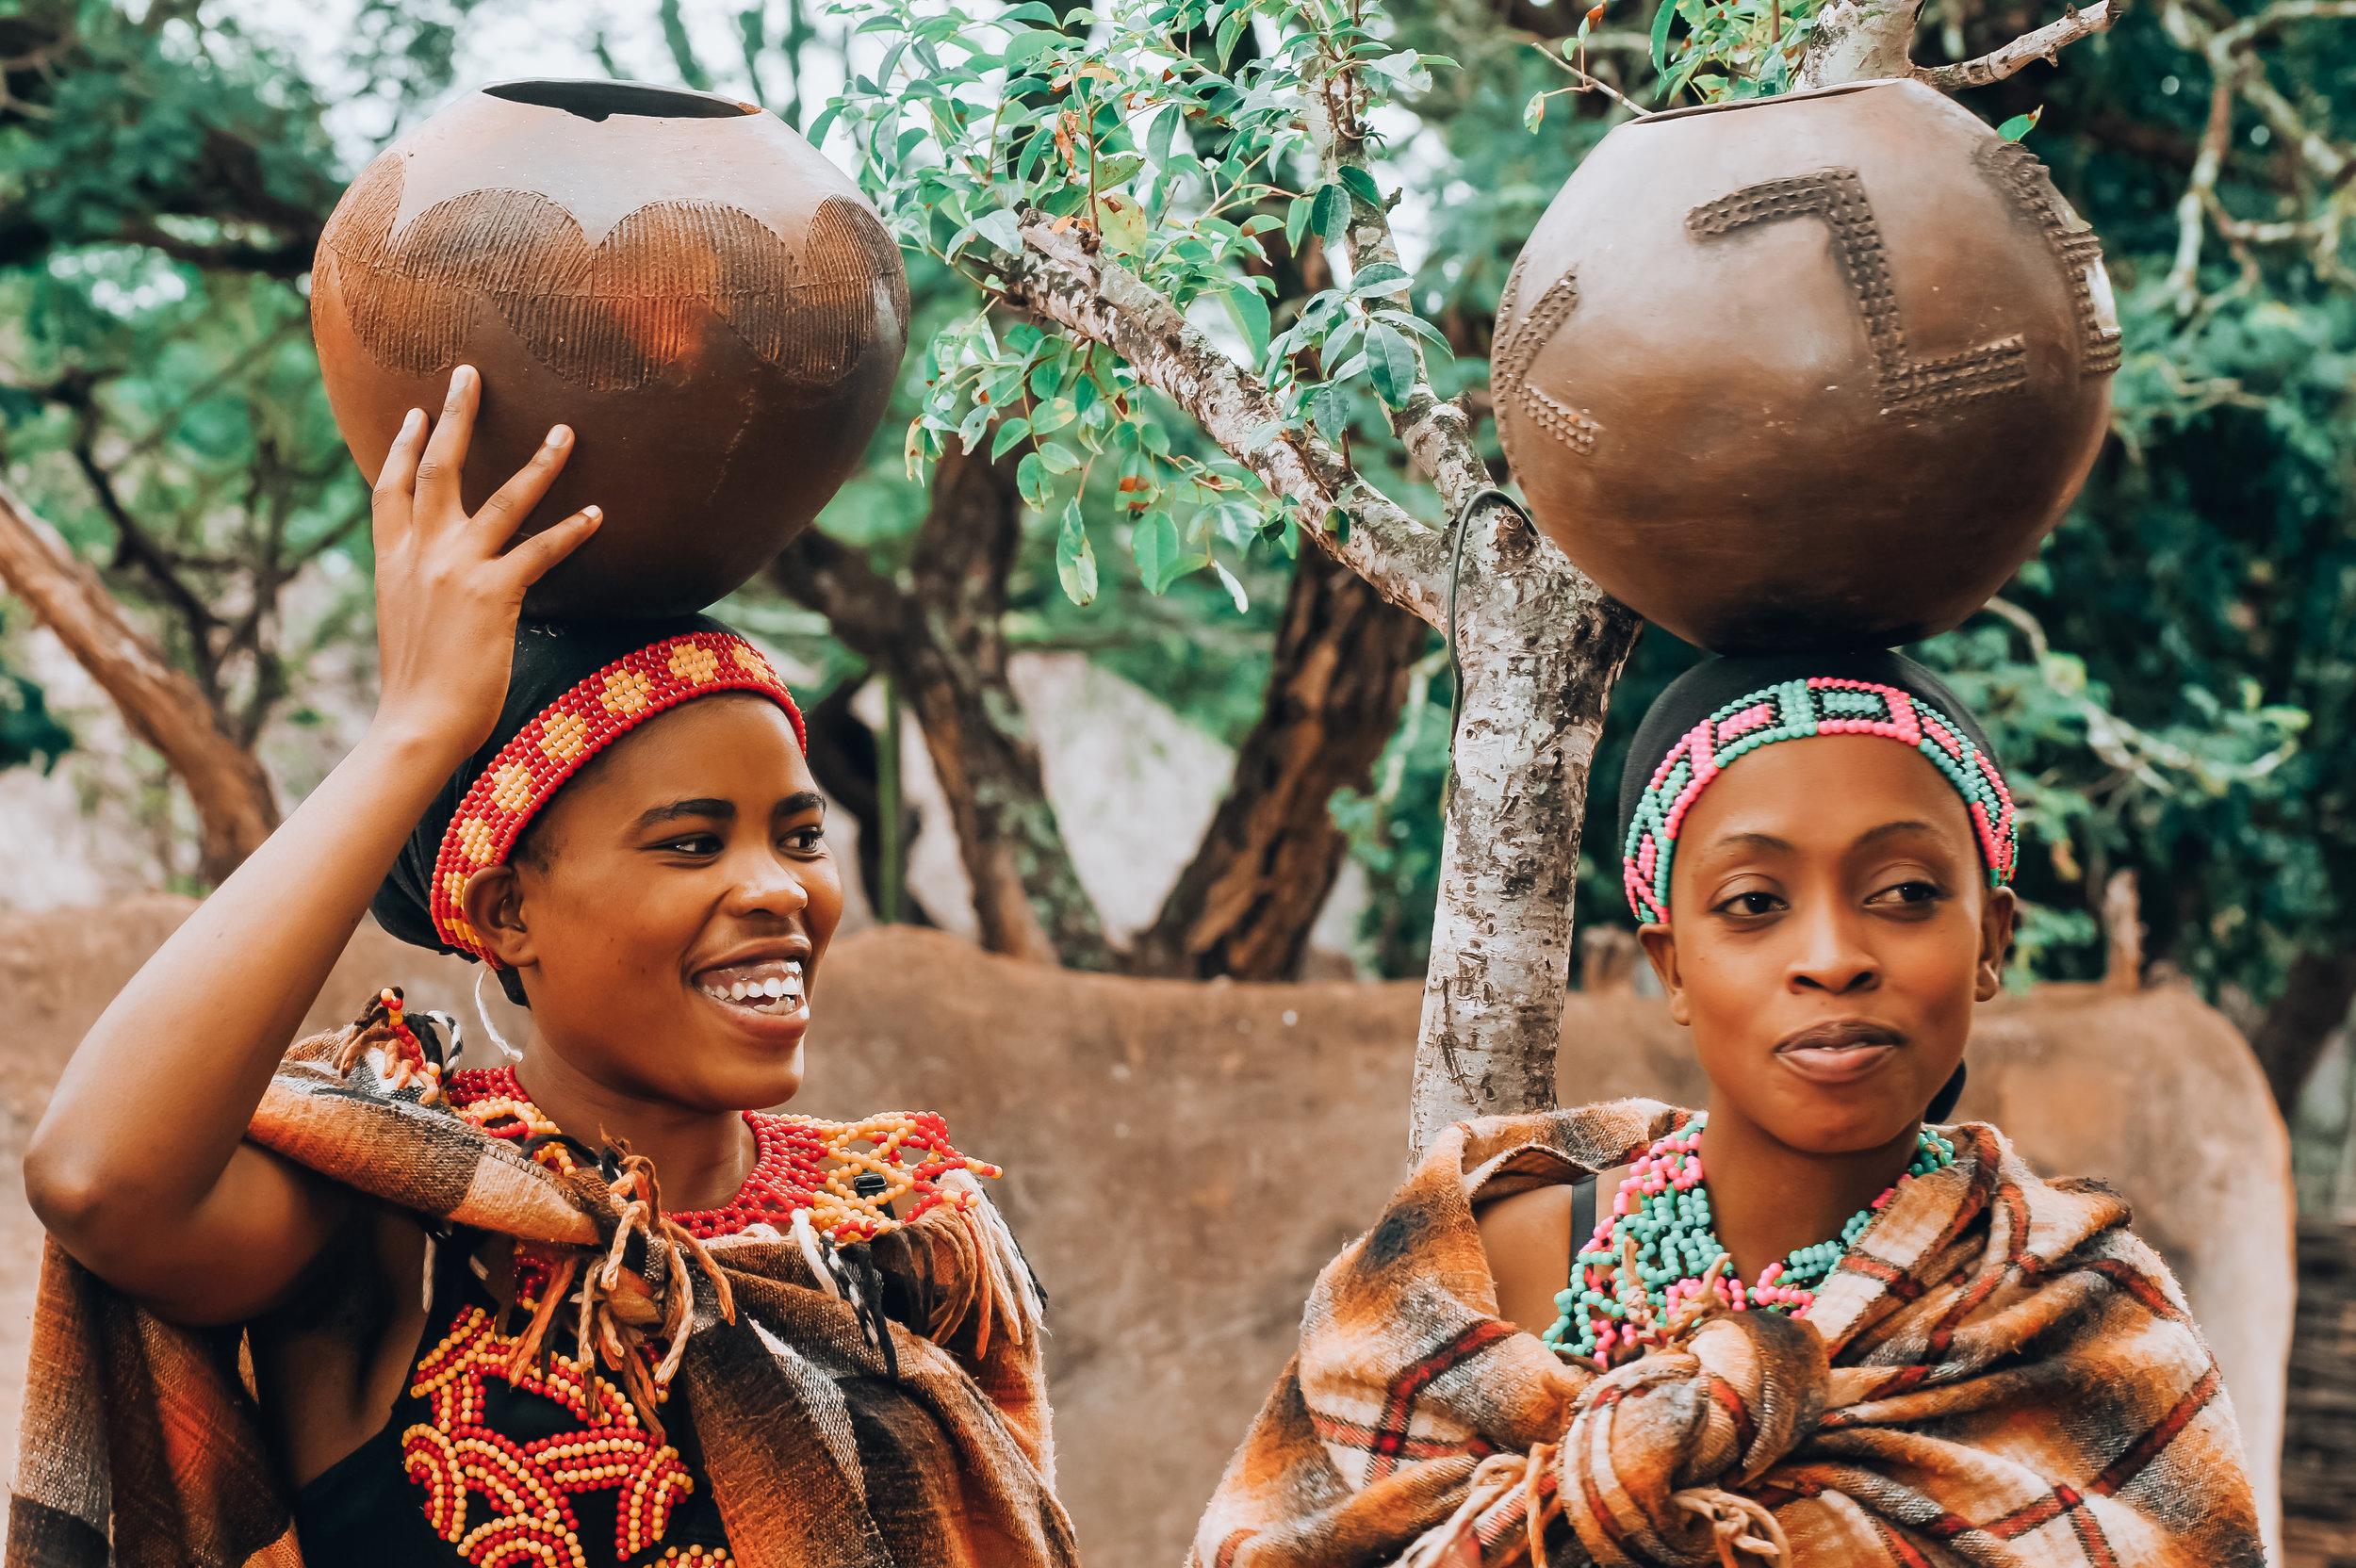 South Africa Kwa Zulu Natal Artisans